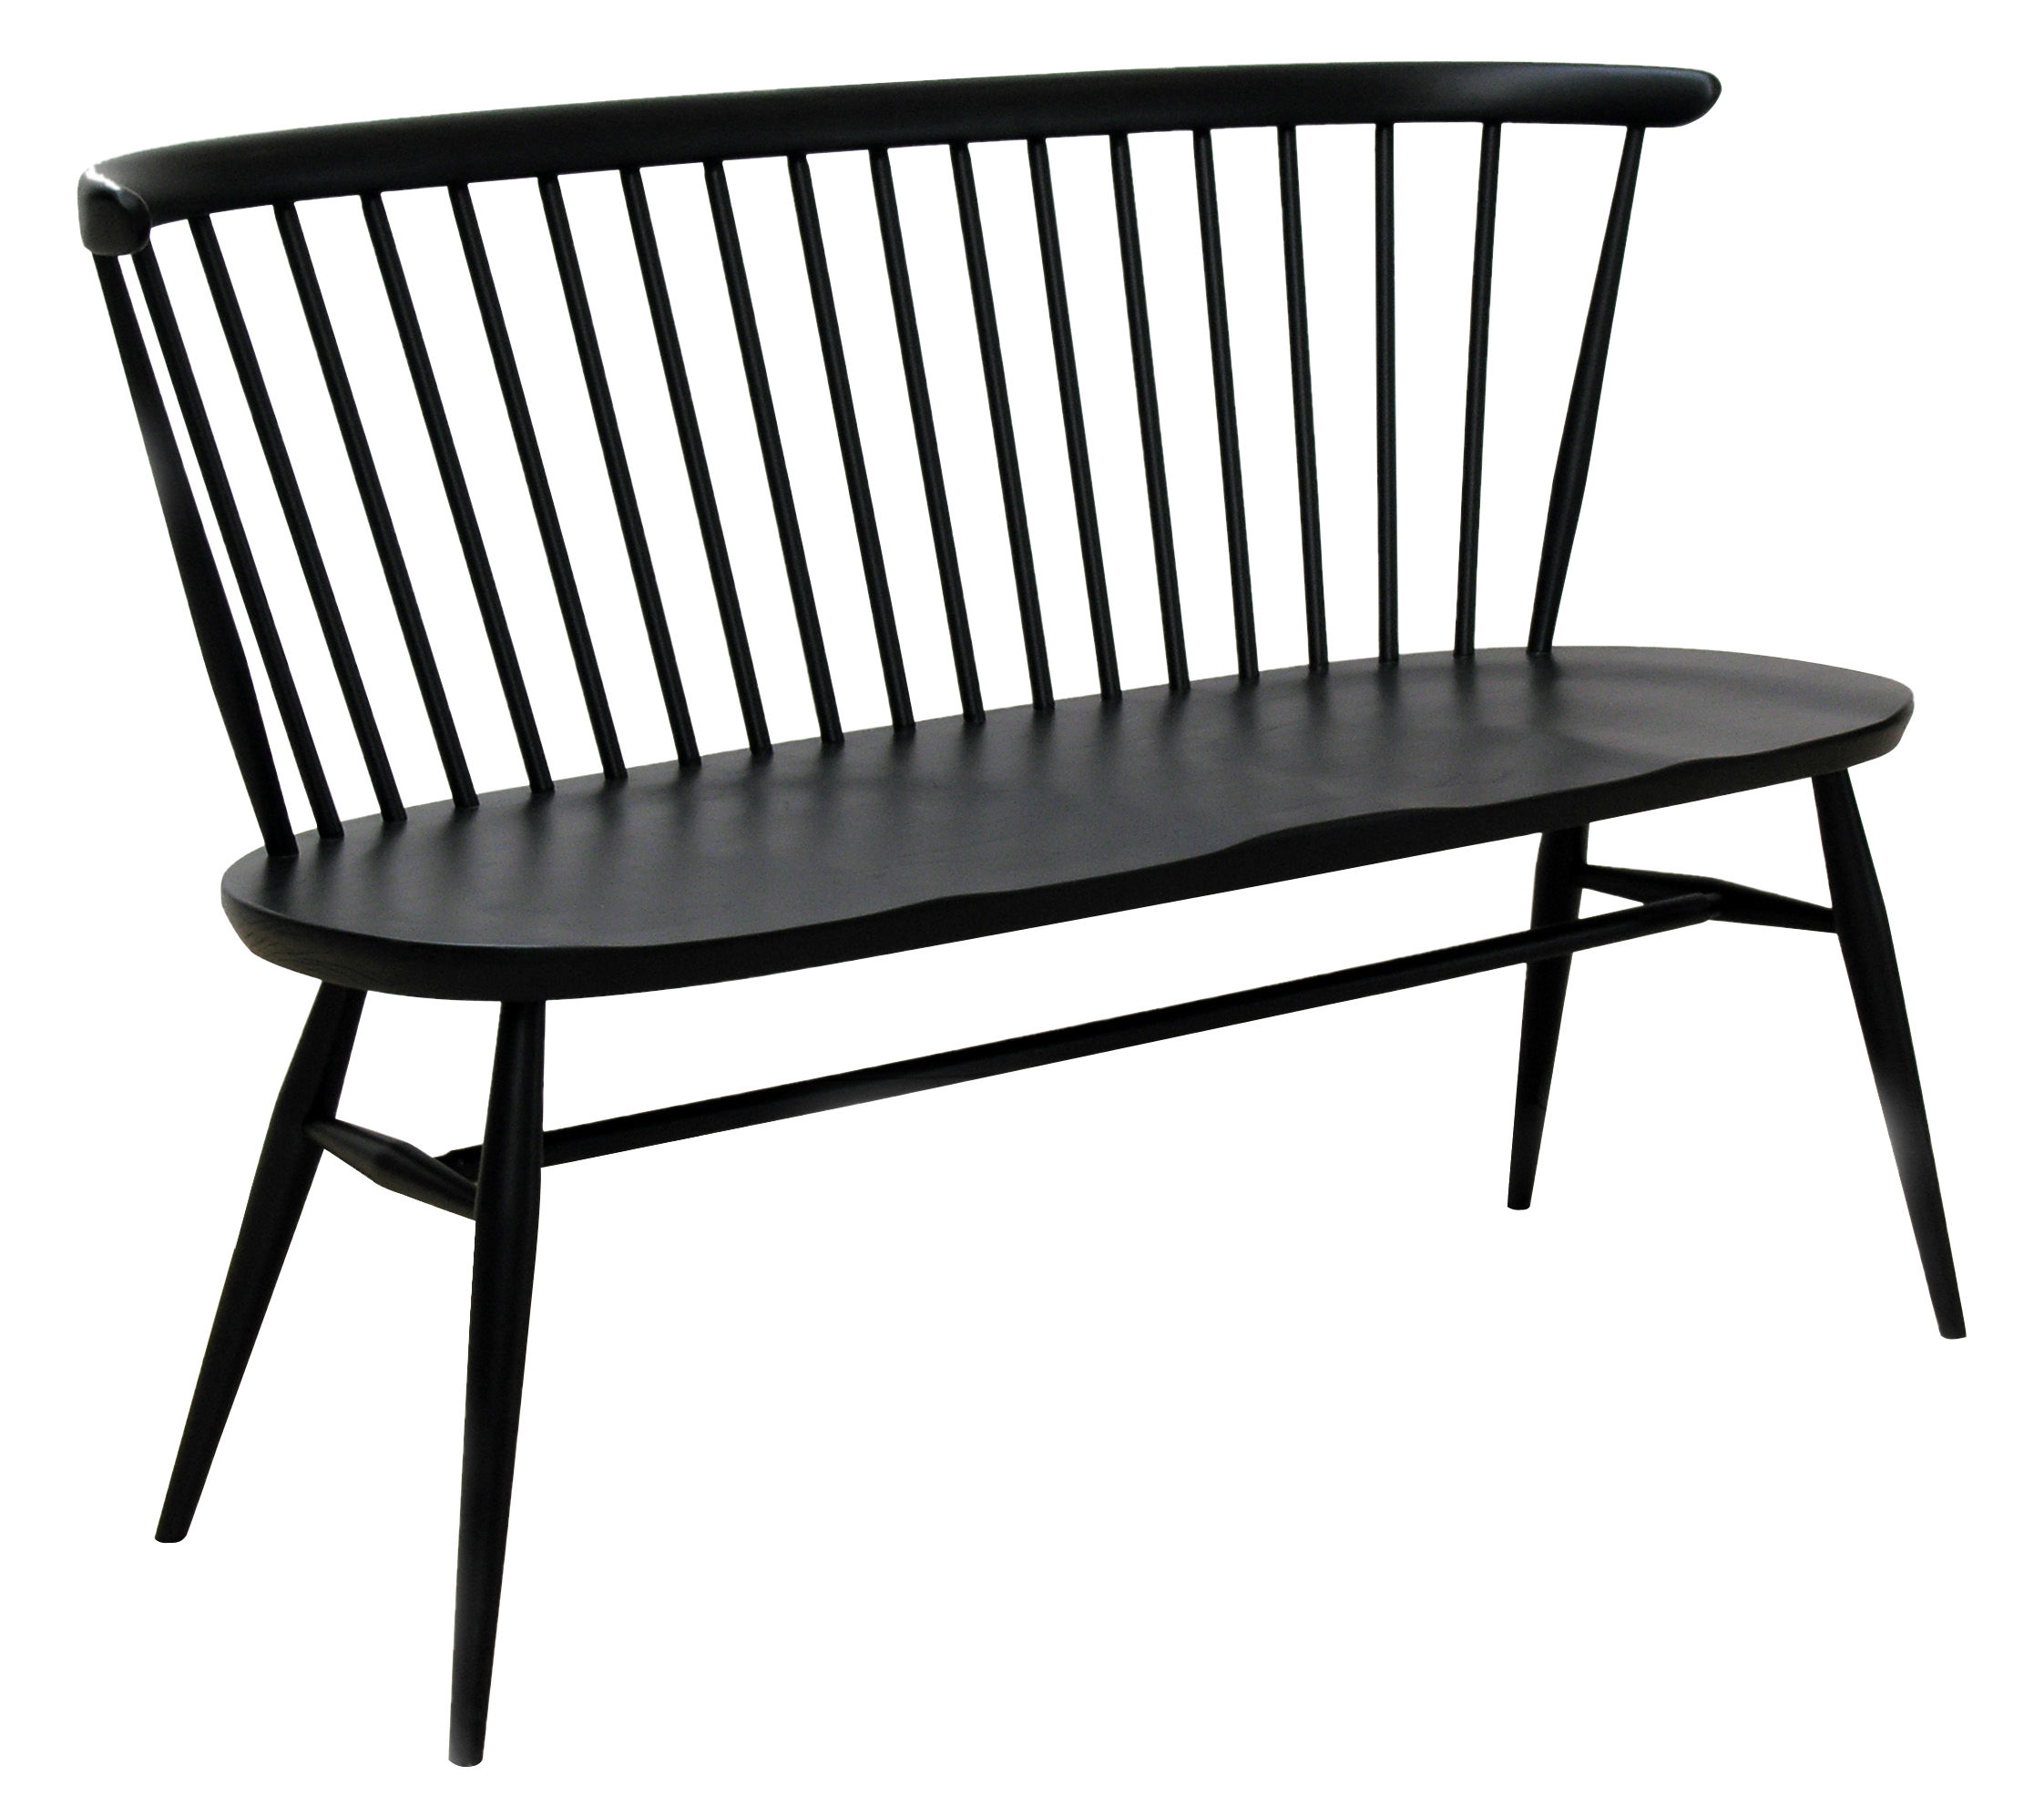 Arredamento - Panchine - Panca con schienale Love Seat - / L 117 cm - Riedizione 1955 - Legno di Ercol - Nero - Faggio massello, Orme massif